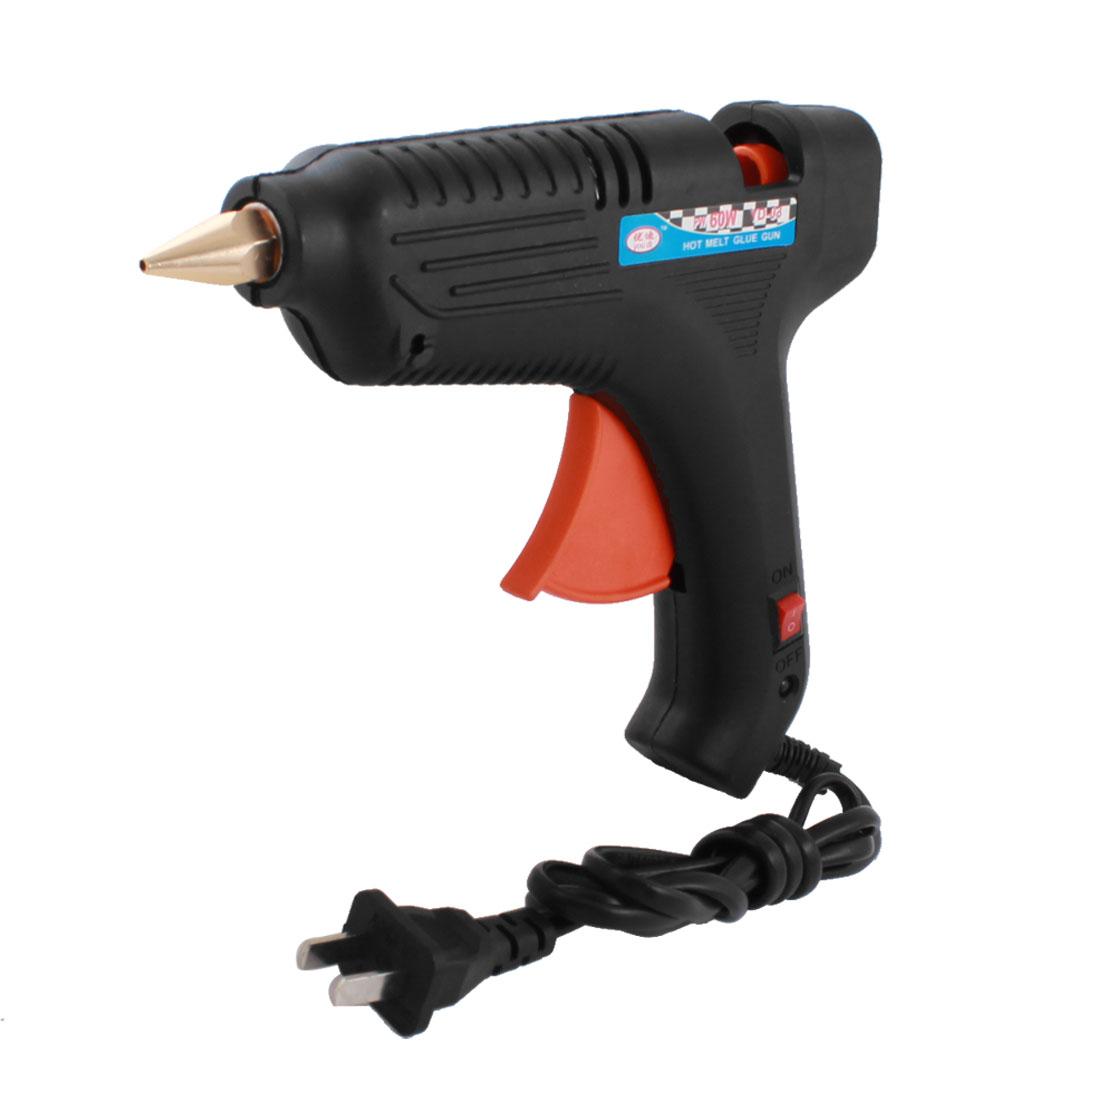 AC 110-240V US Plug Crafts Tool Triggered Hot Melt Glue Gun 60W YD-03